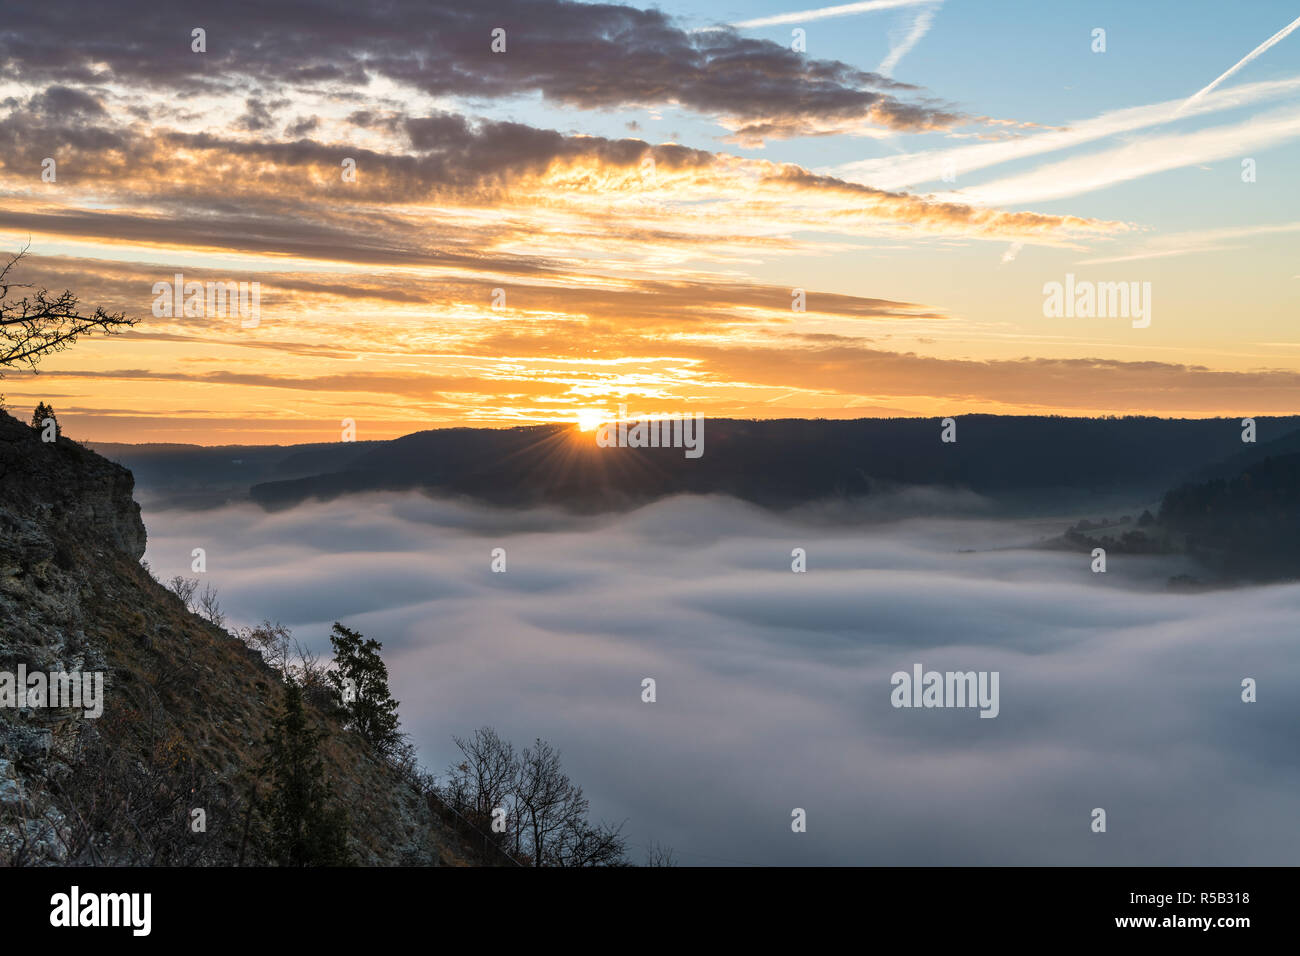 Sunrise over Jena, Nebel, Thuringia, Germany - Stock Image